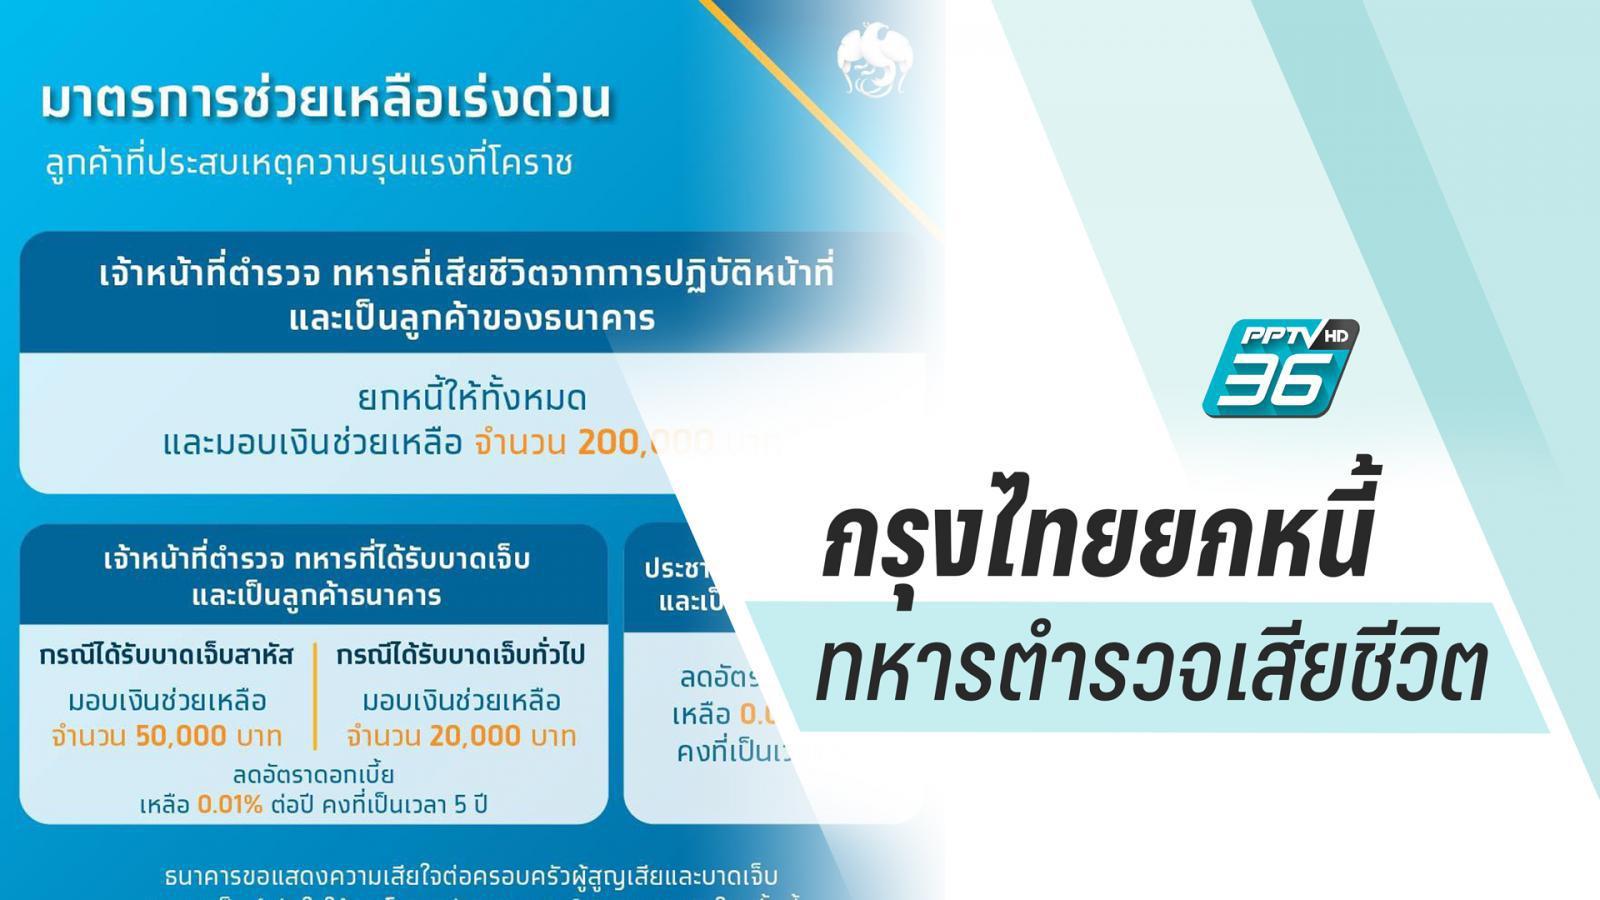 กรุงไทยยกหนี้ทหาร-ตำรวจ เสียชีวิตเหตุโคราช ส่วนปชช.ลดดอกเบี้ย 0.01%